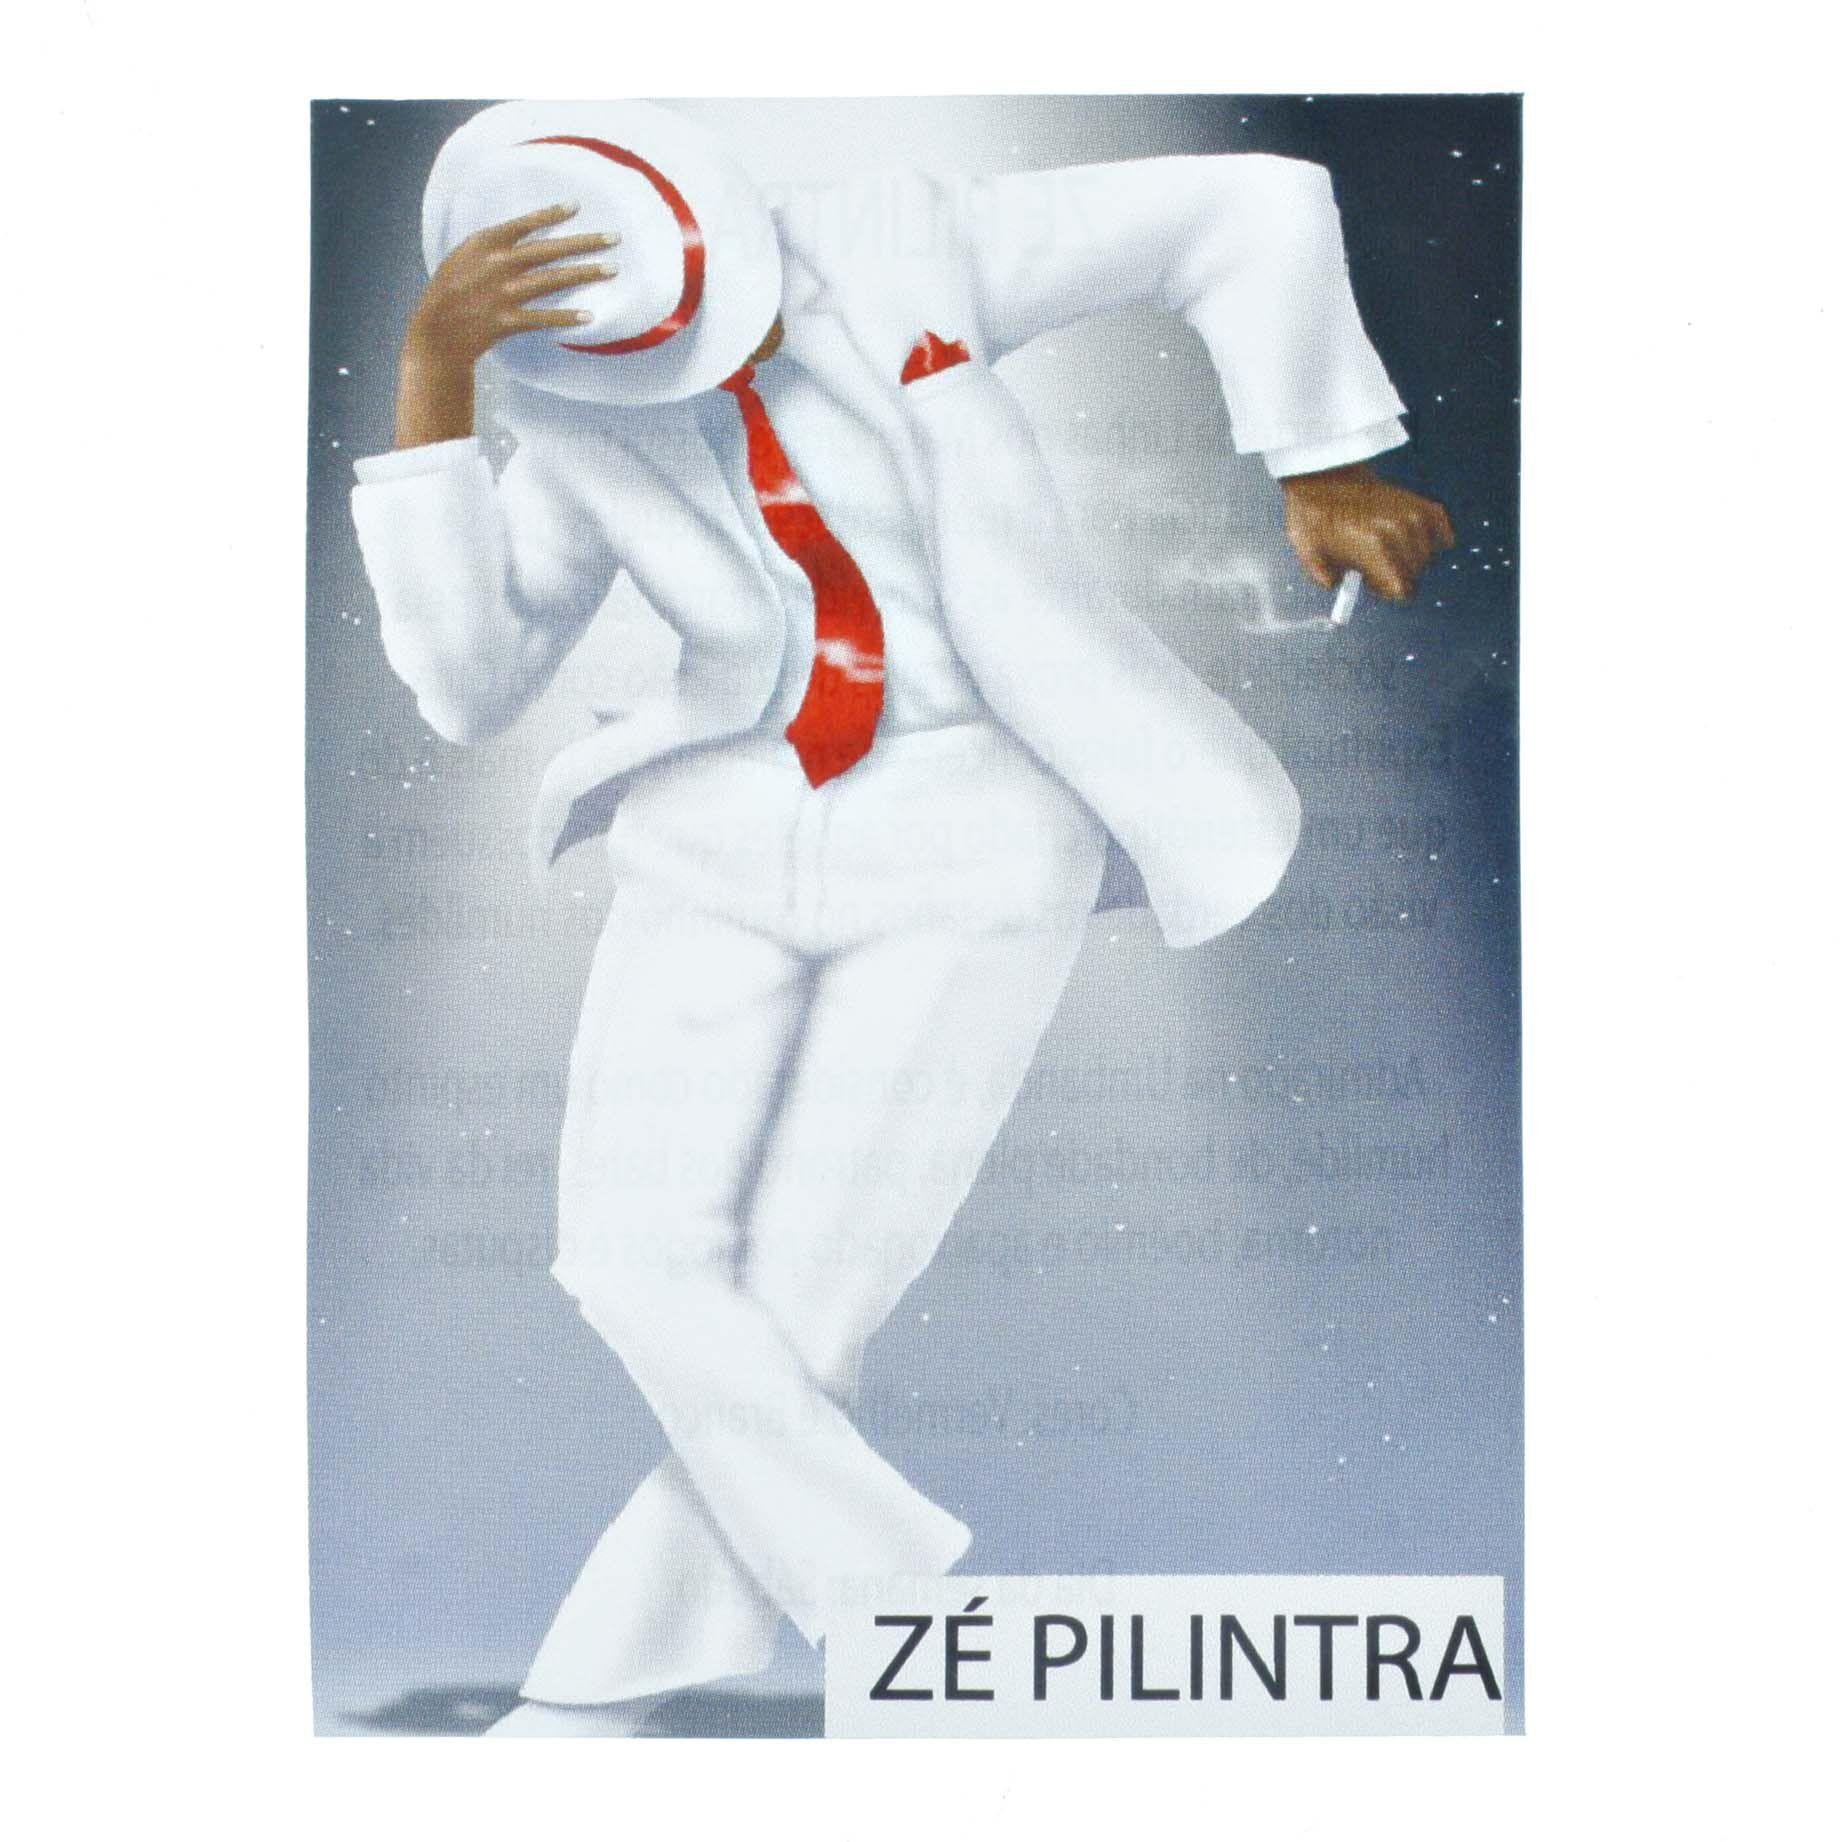 Medalha Zé Pilintra + Folheto  - Universo Religioso® - Artigos de Umbanda e Candomblé